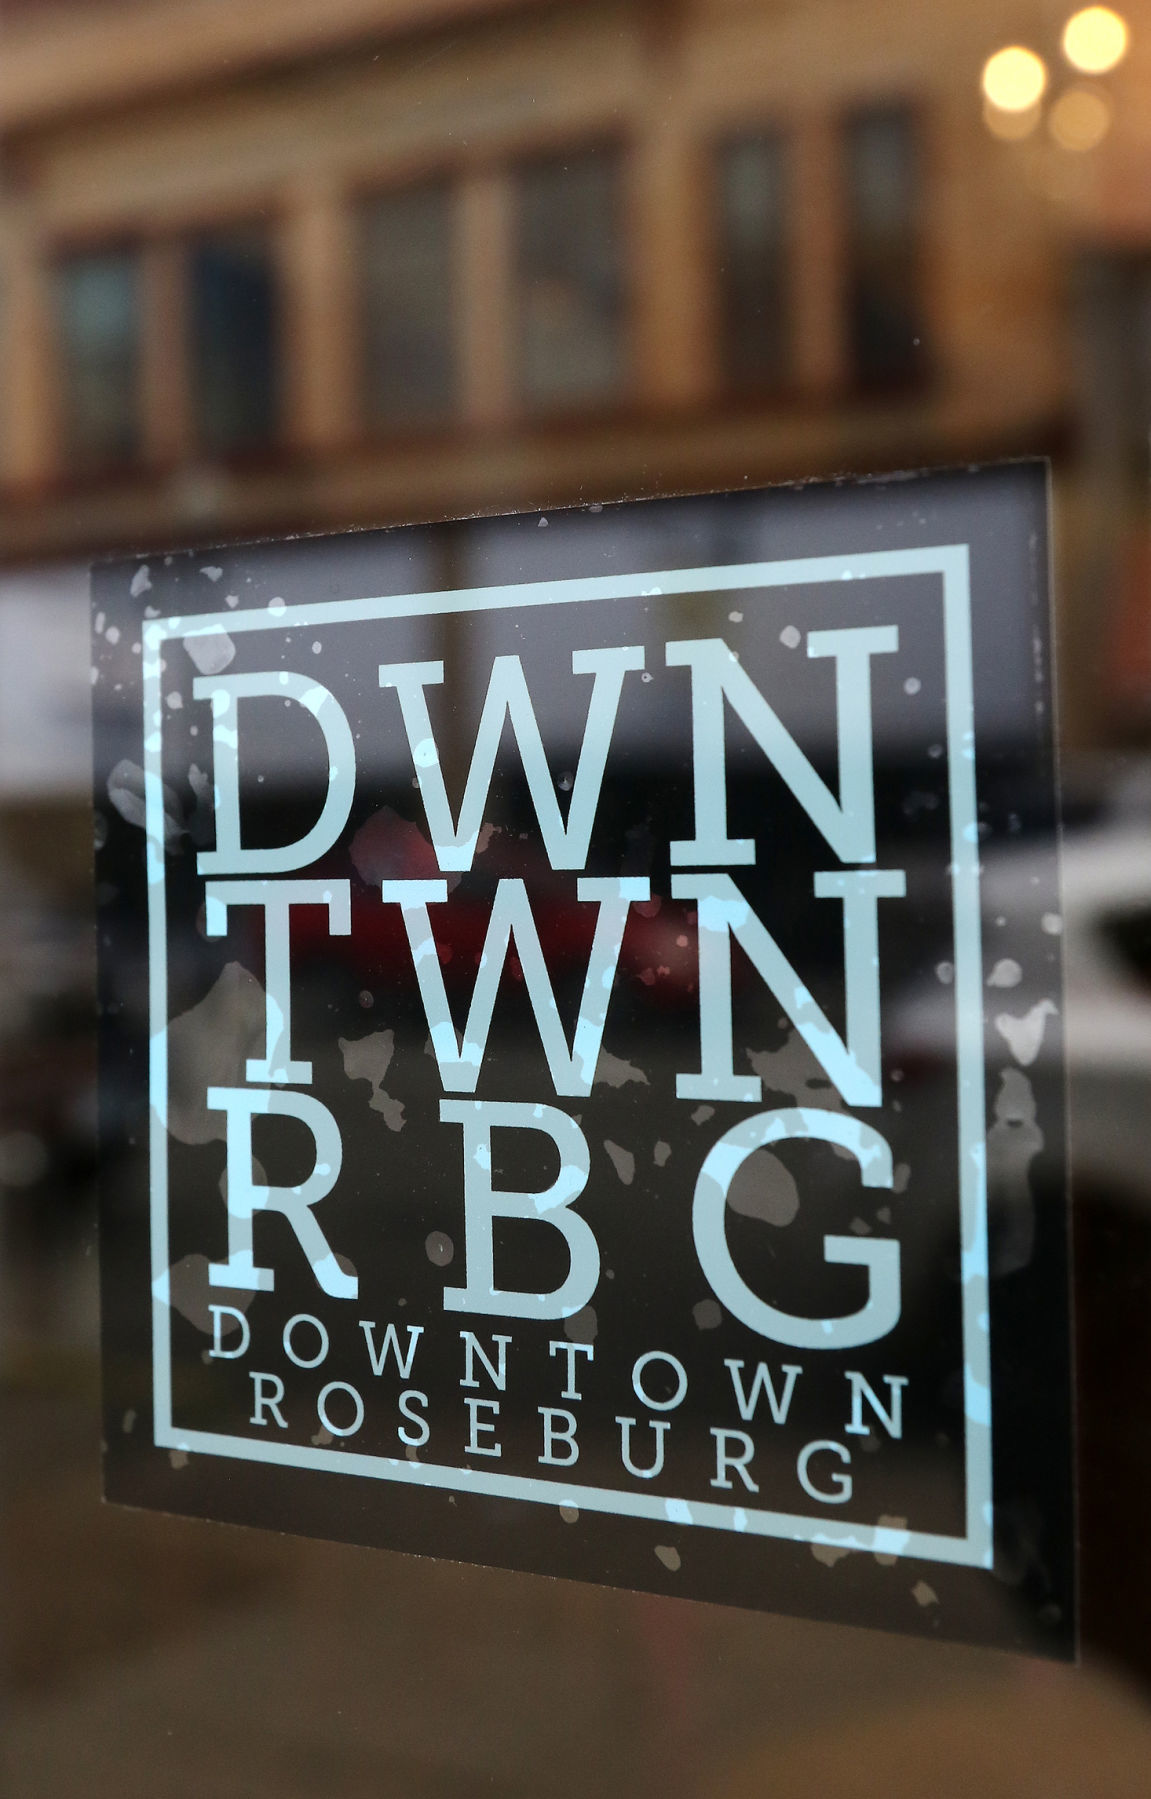 190329-nrr-biz-downtownstickers-02